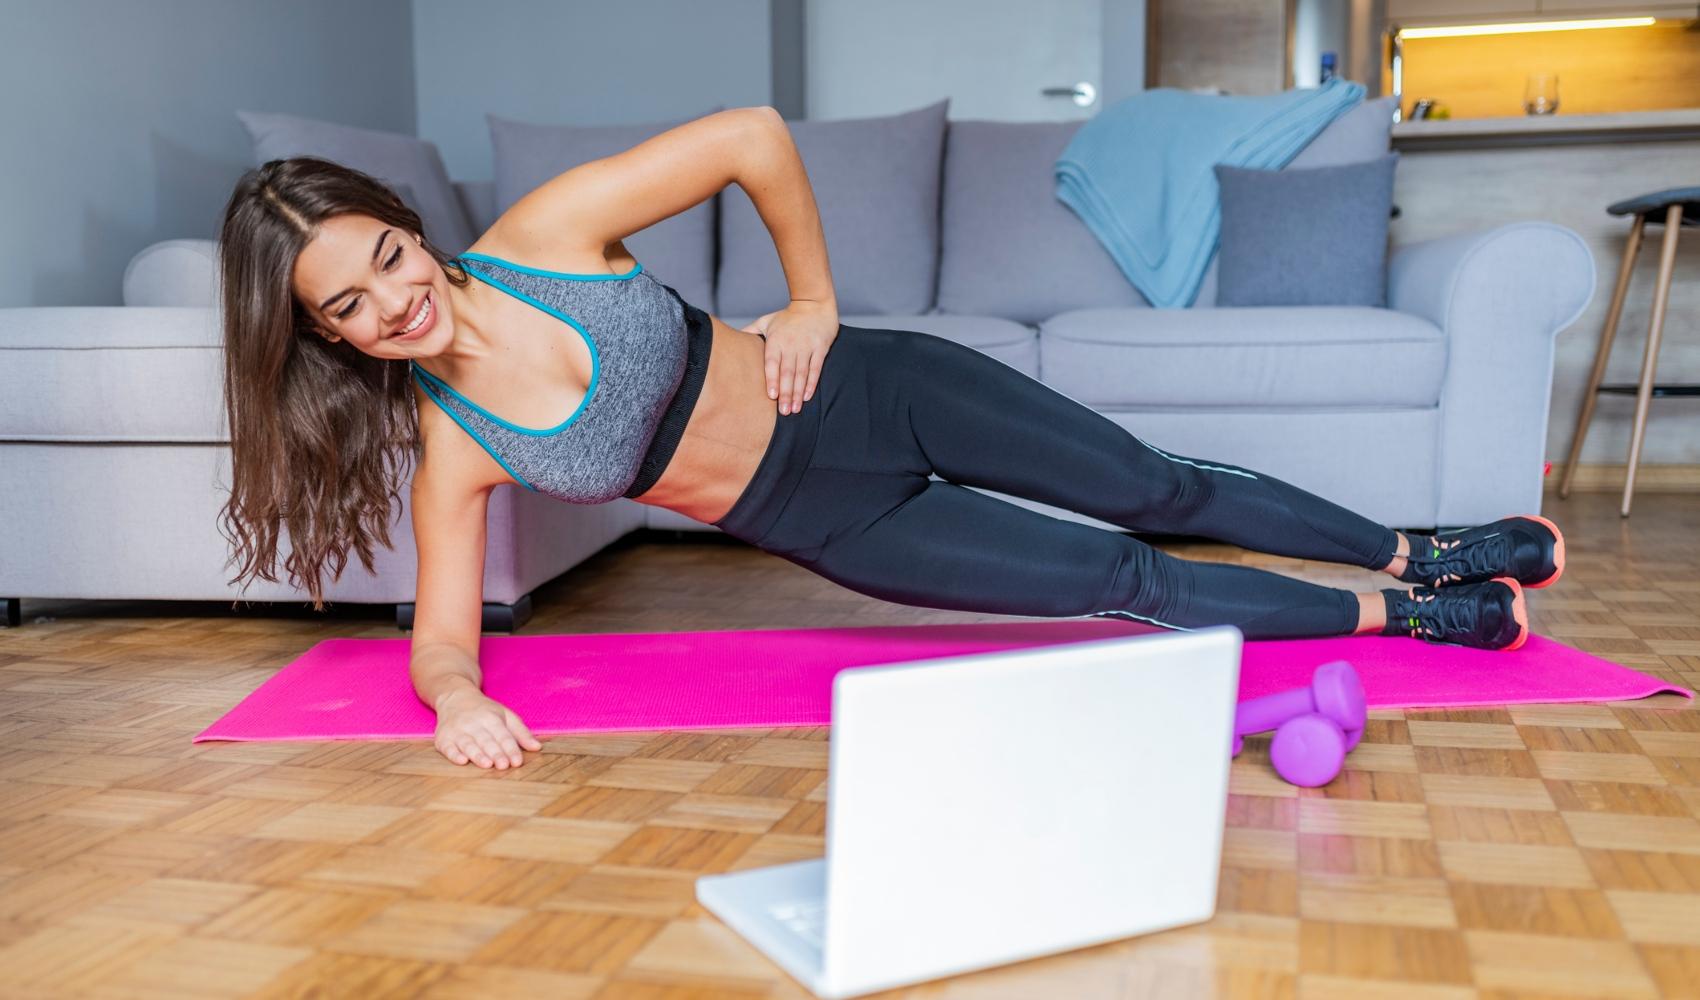 Canais do youtube para fazer exercício em casa: sugestões